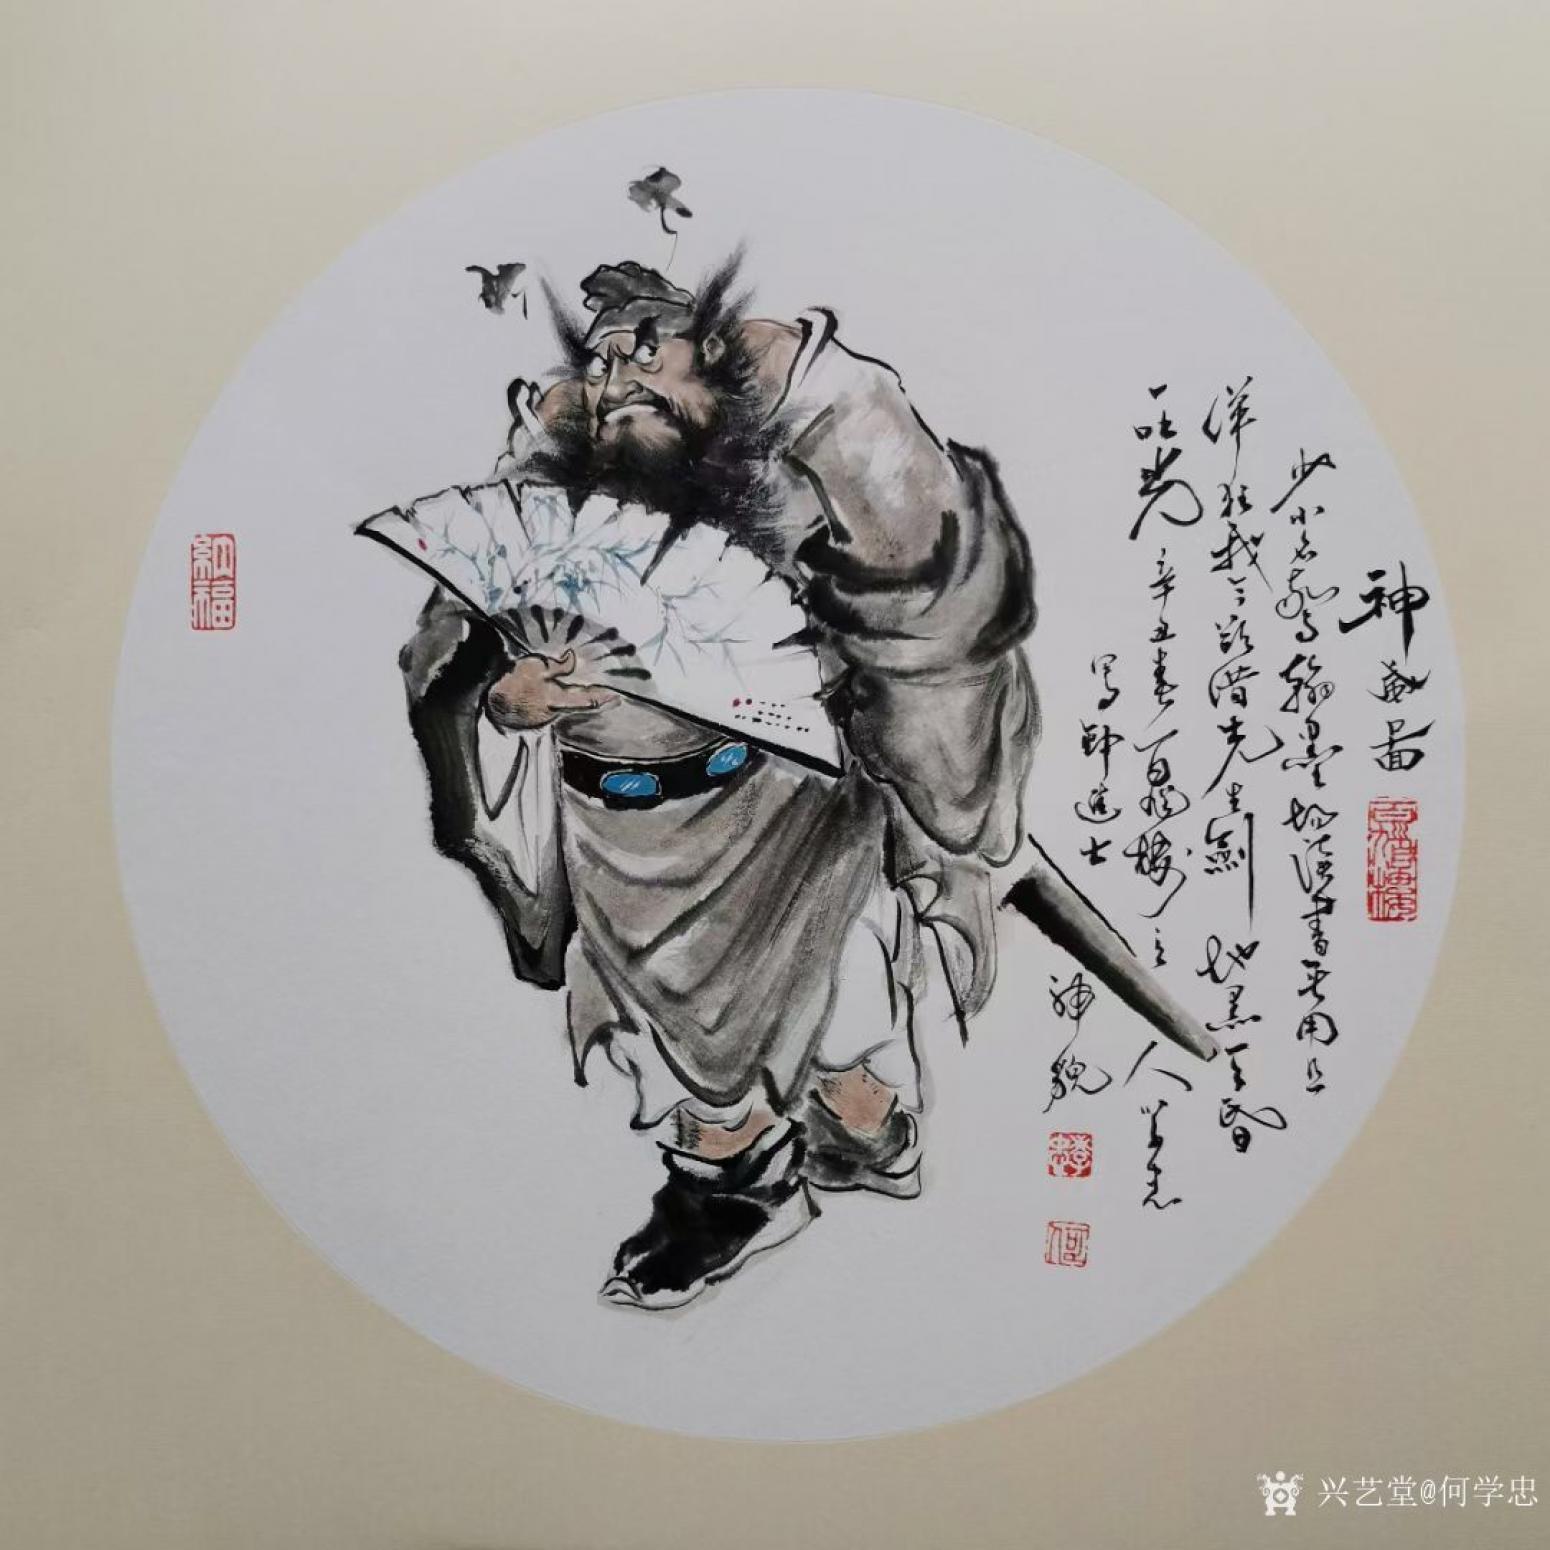 何学忠国画作品《人物钟馗-神威图卡纸》【图0】